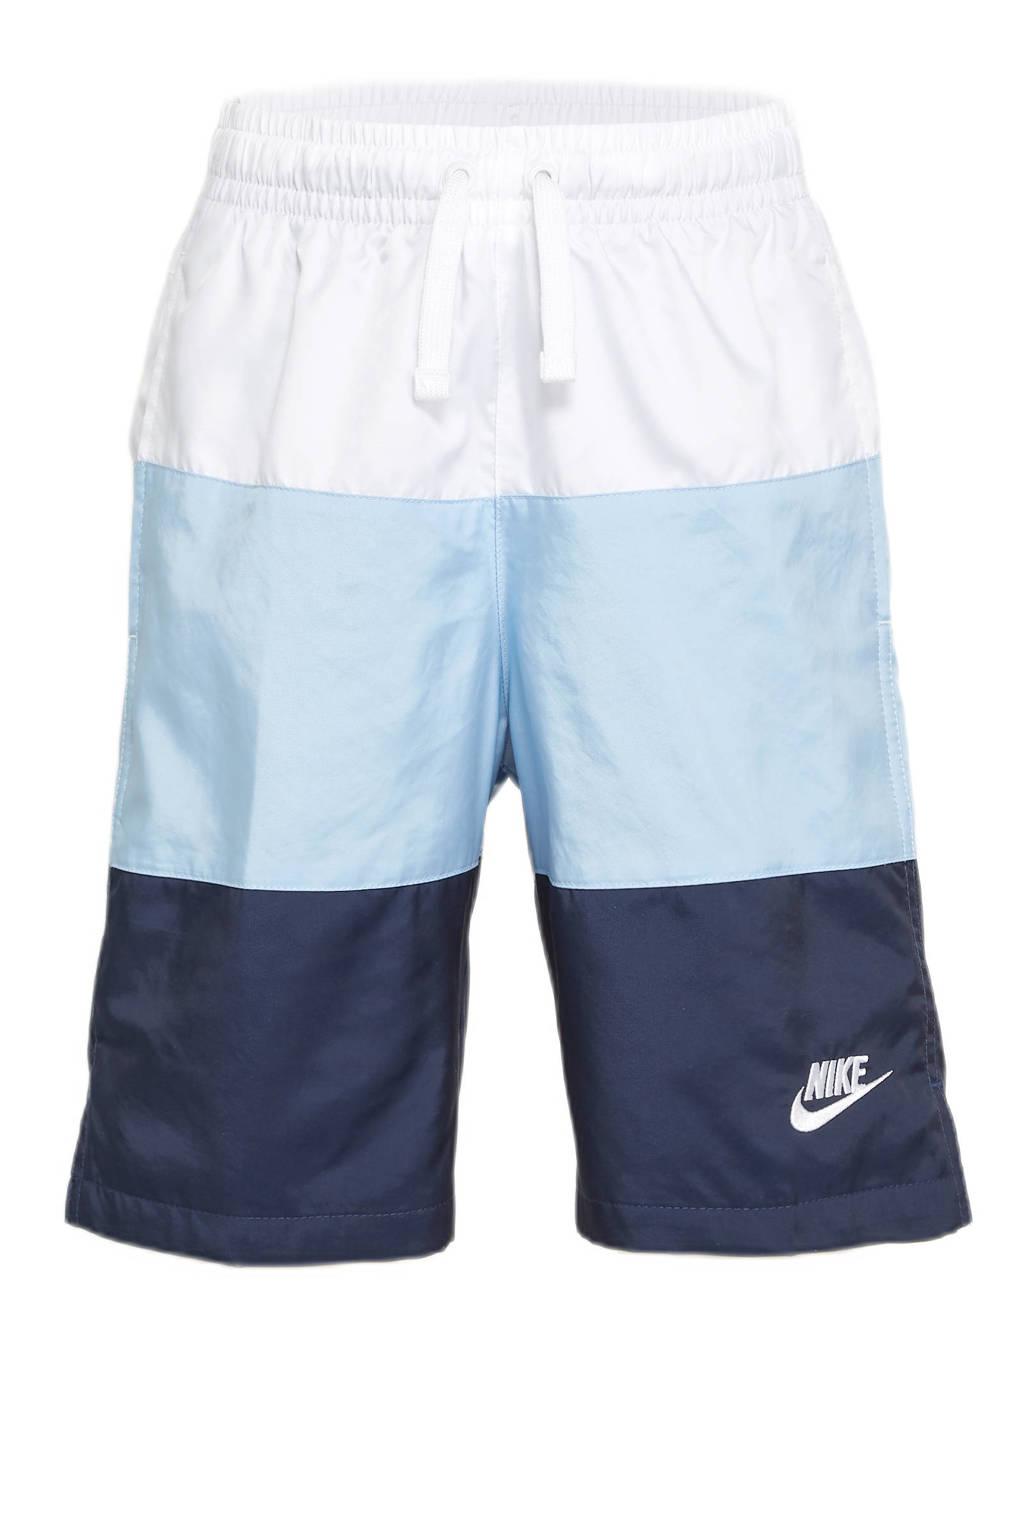 Nike short wit/blauw, Wit/blauw